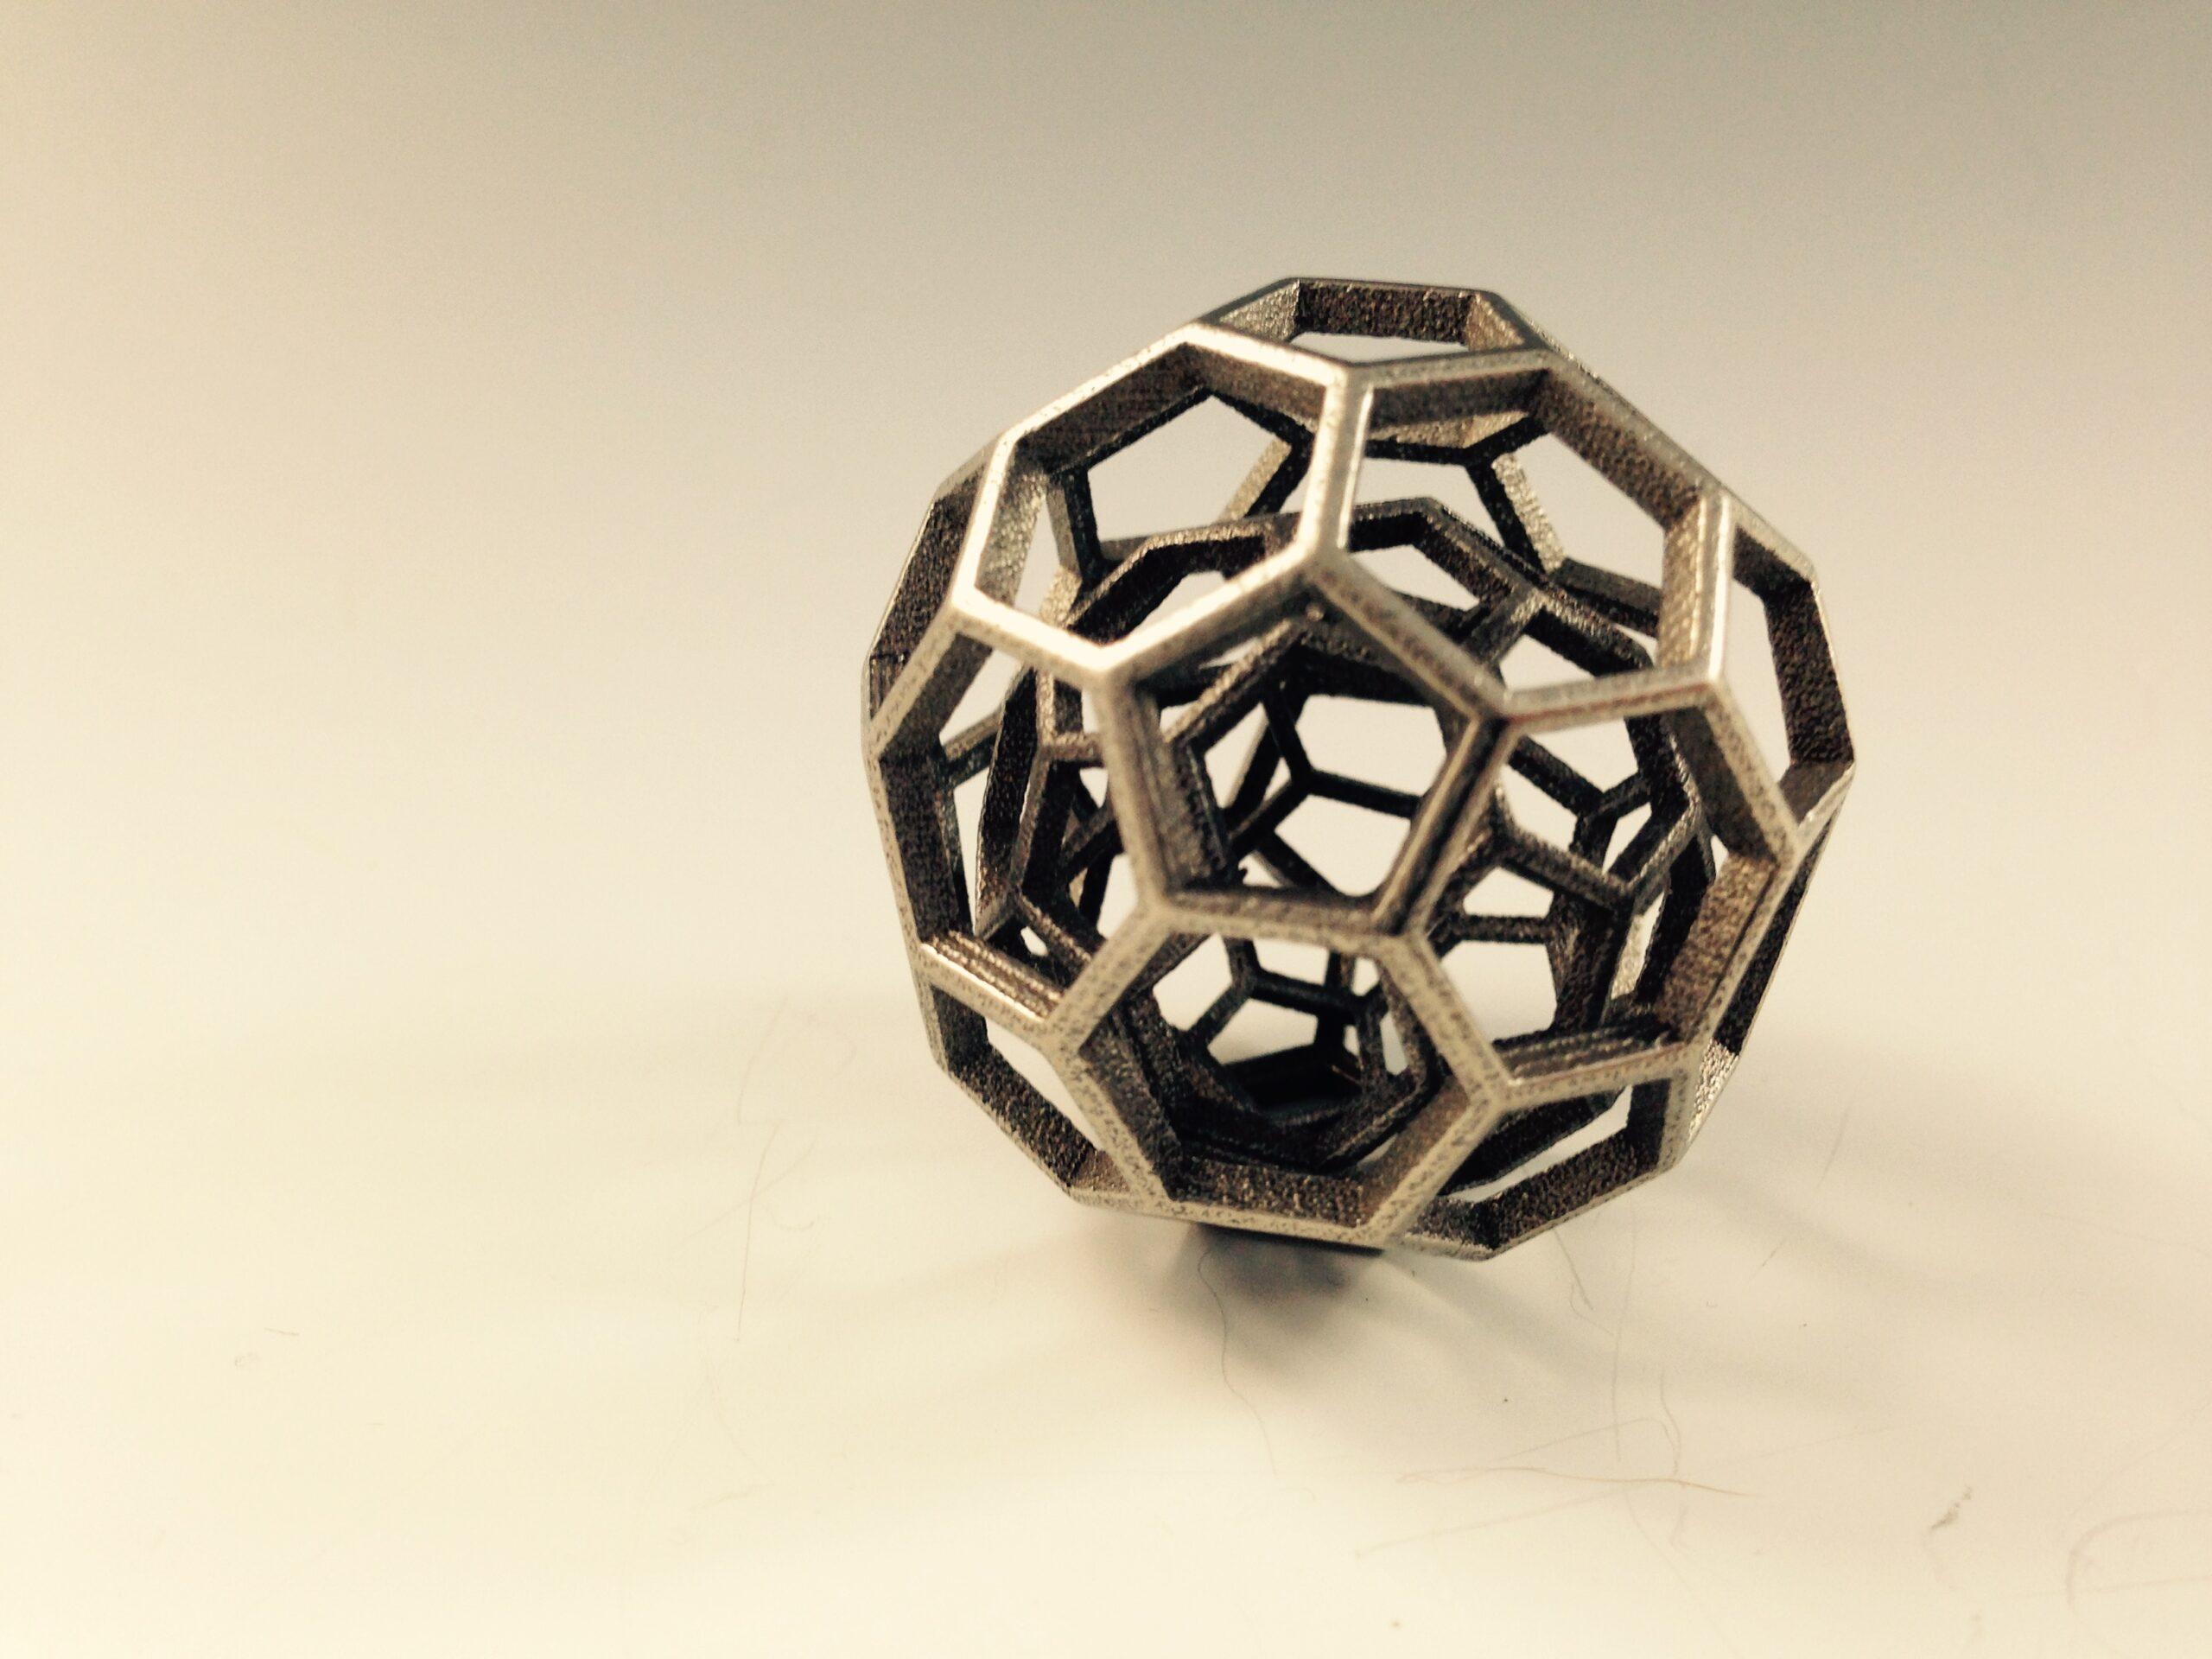 Gallery_Sphere1